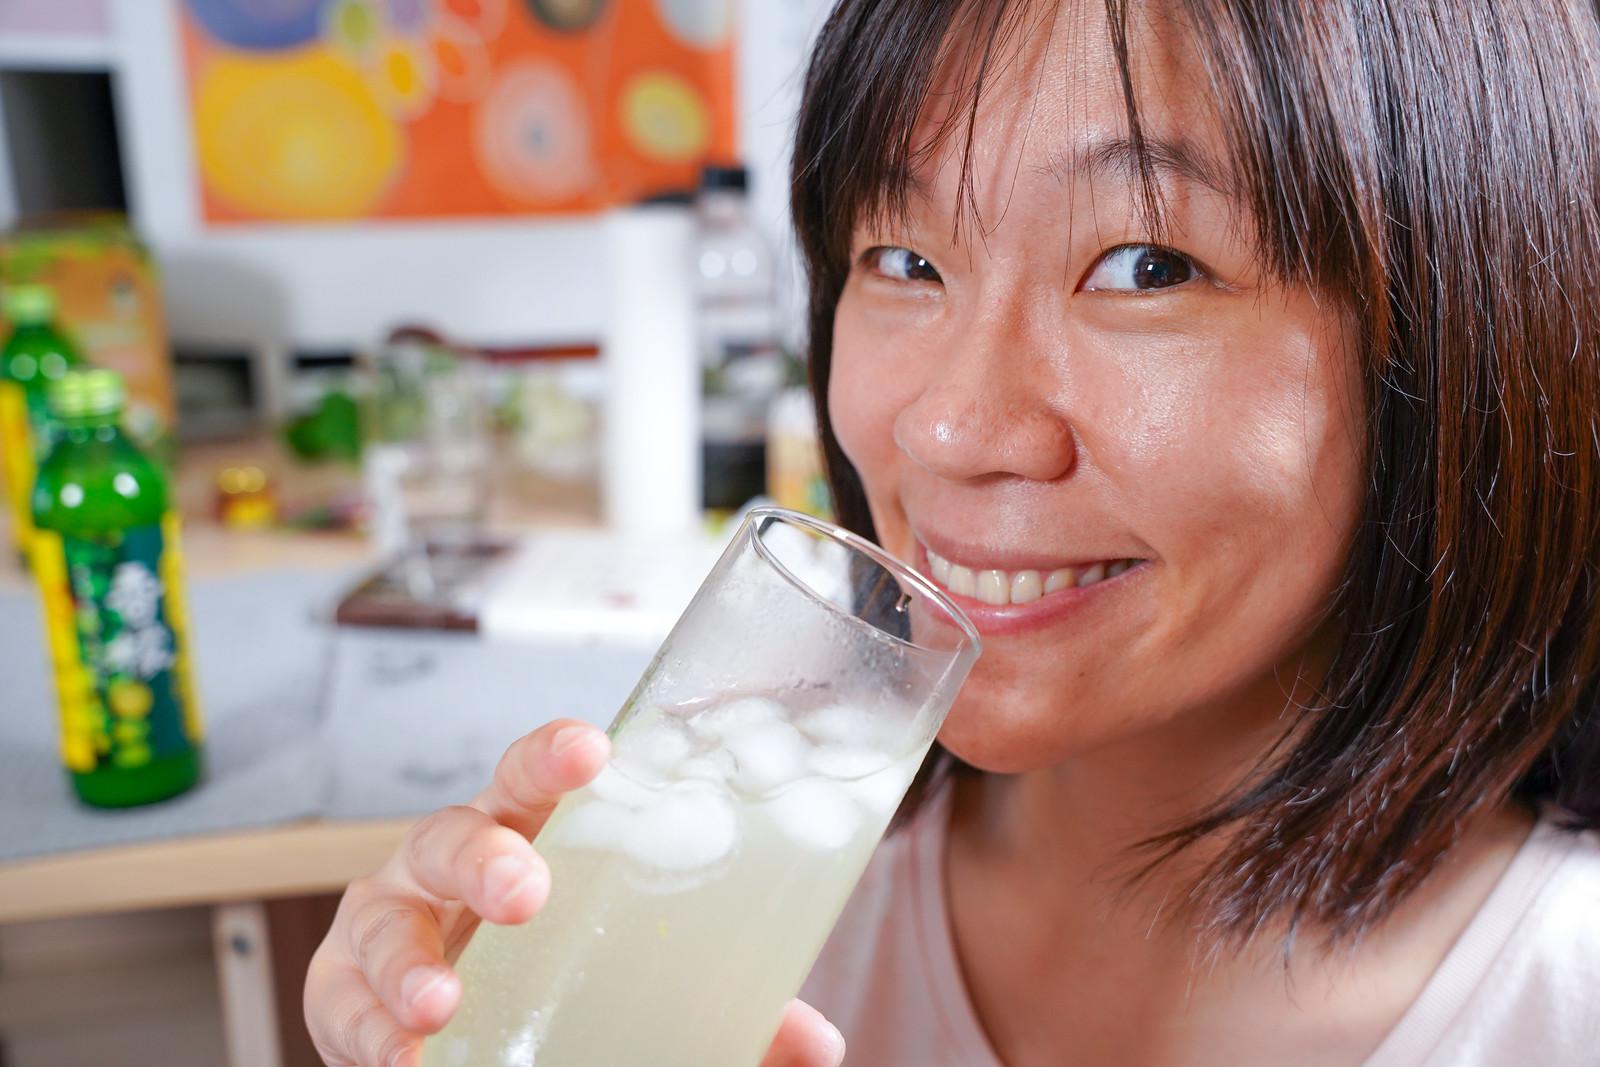 台灣好田-香檬原汁 試喝檸檬水